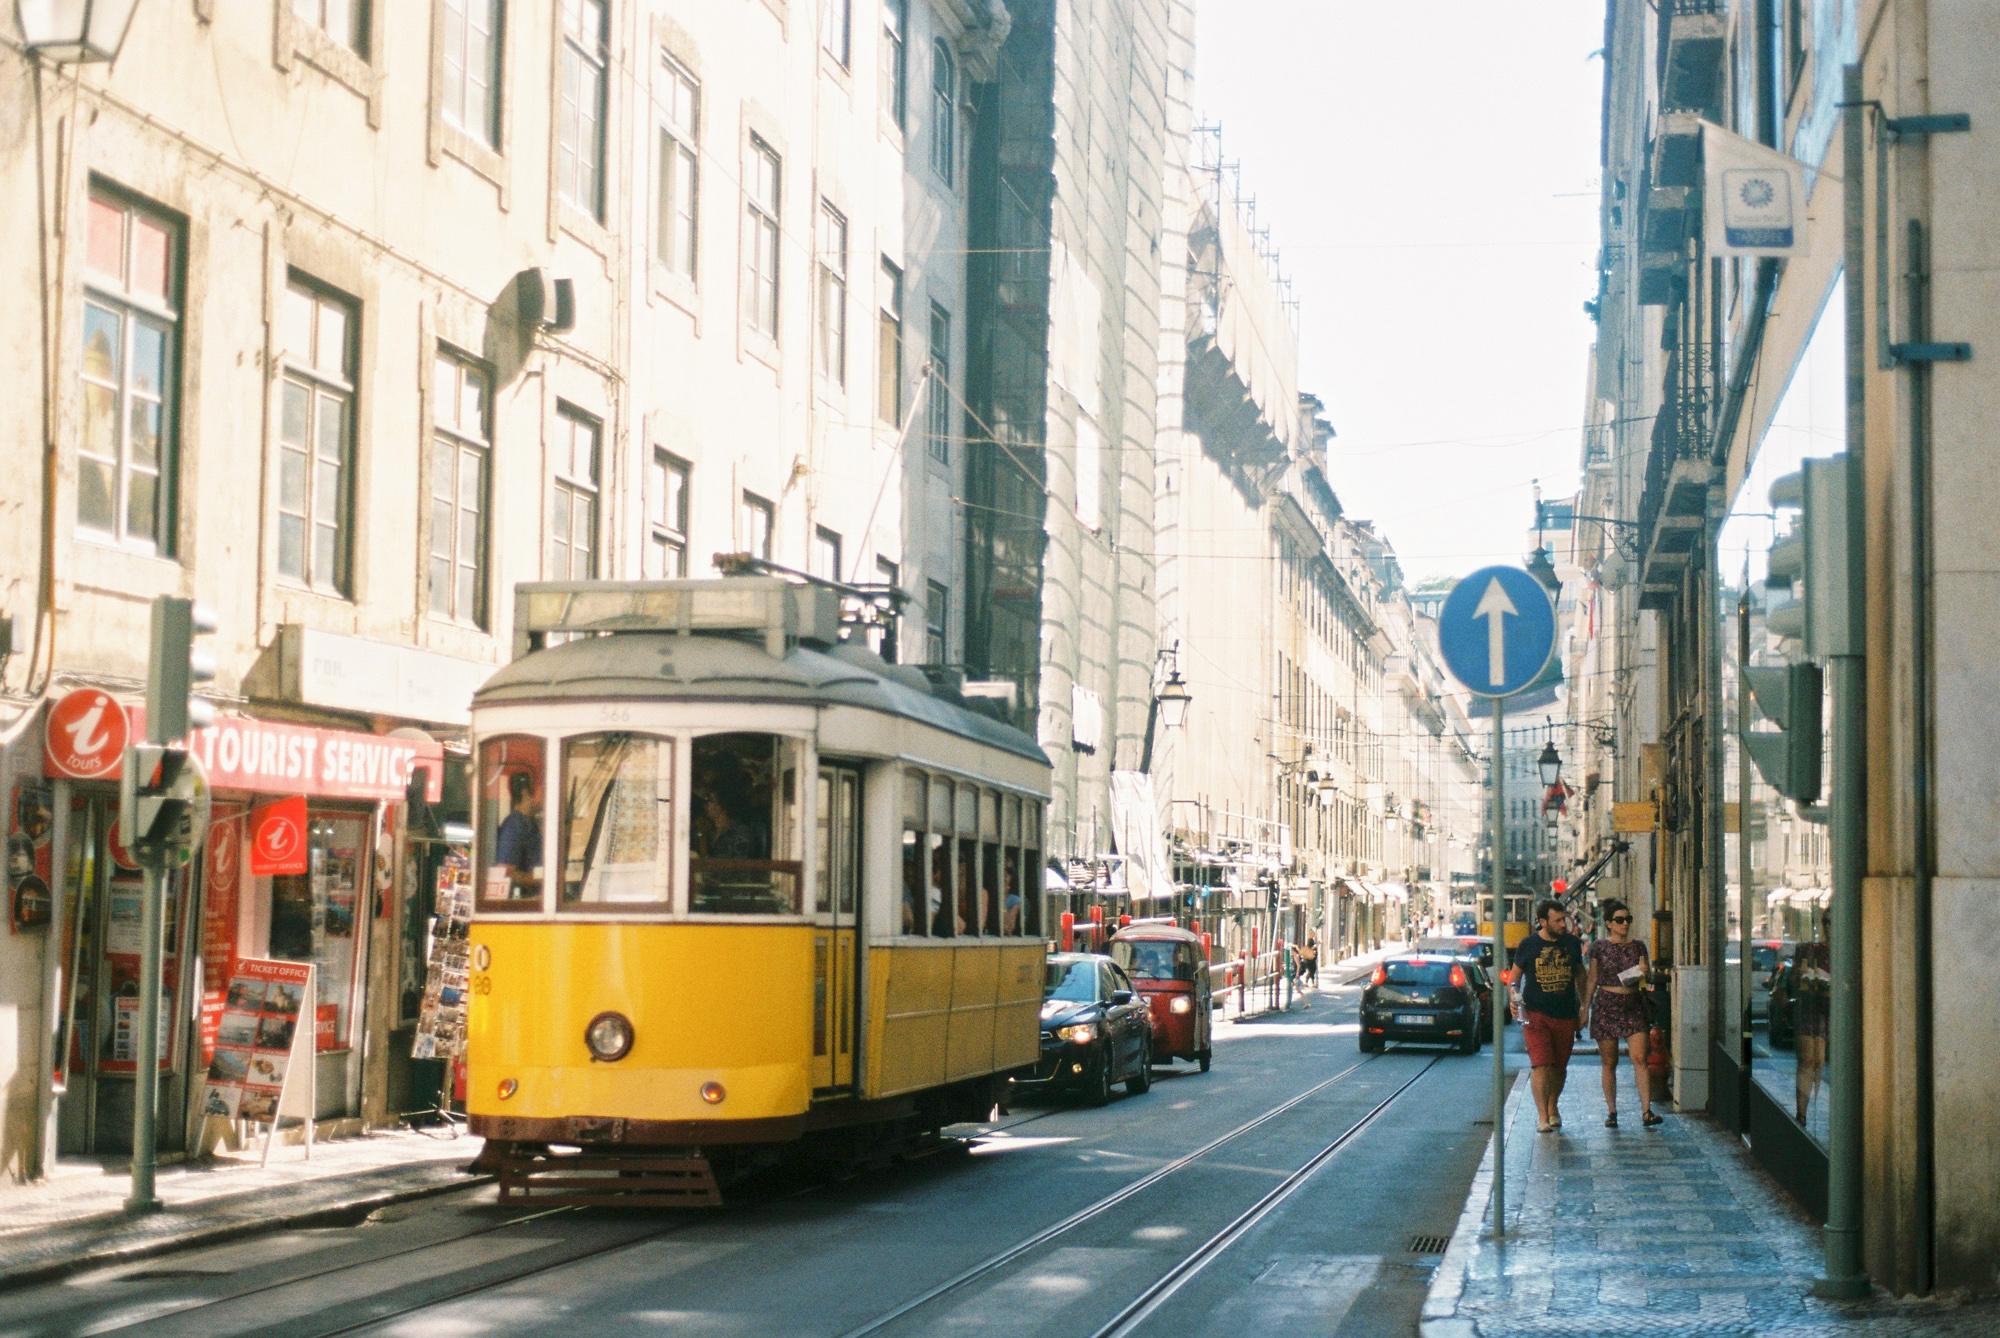 Fotografia-Analogica-Lisboa-Filme-Oceanica-6.jpg